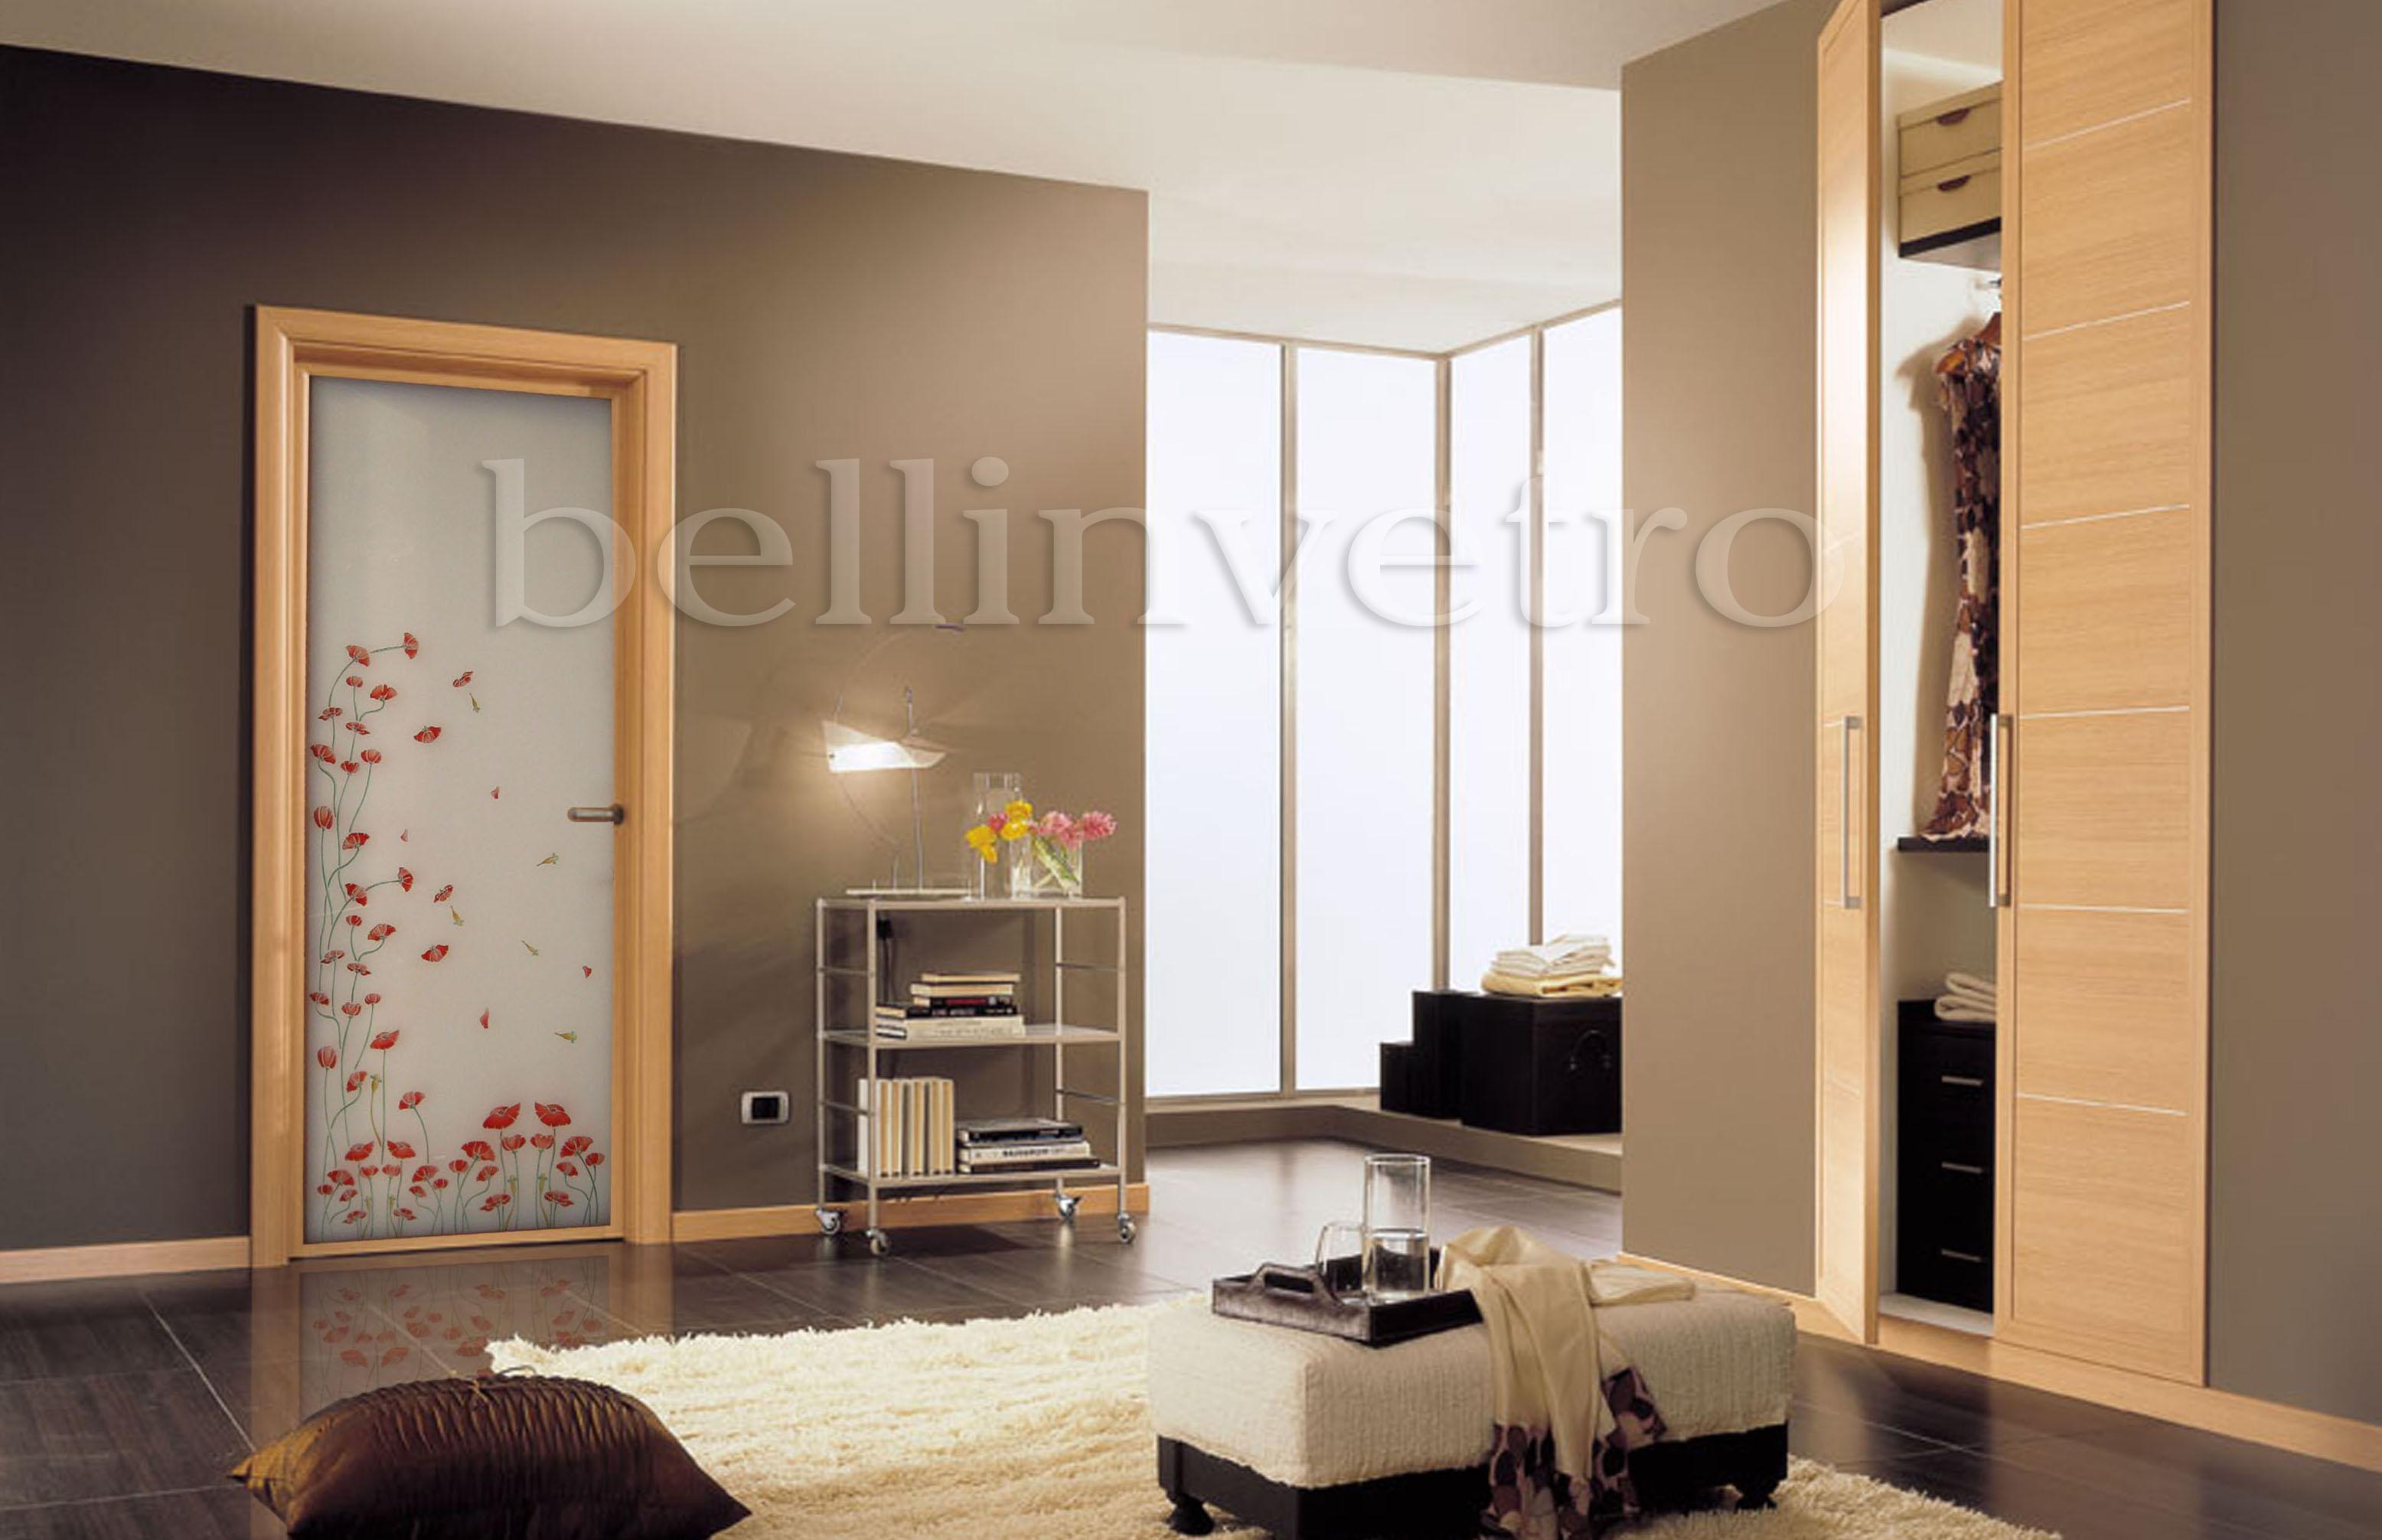 Porte in vetro decorate per interni scorrevoli a battente e a scrigno aziende news - Decorazioni porte interne ...